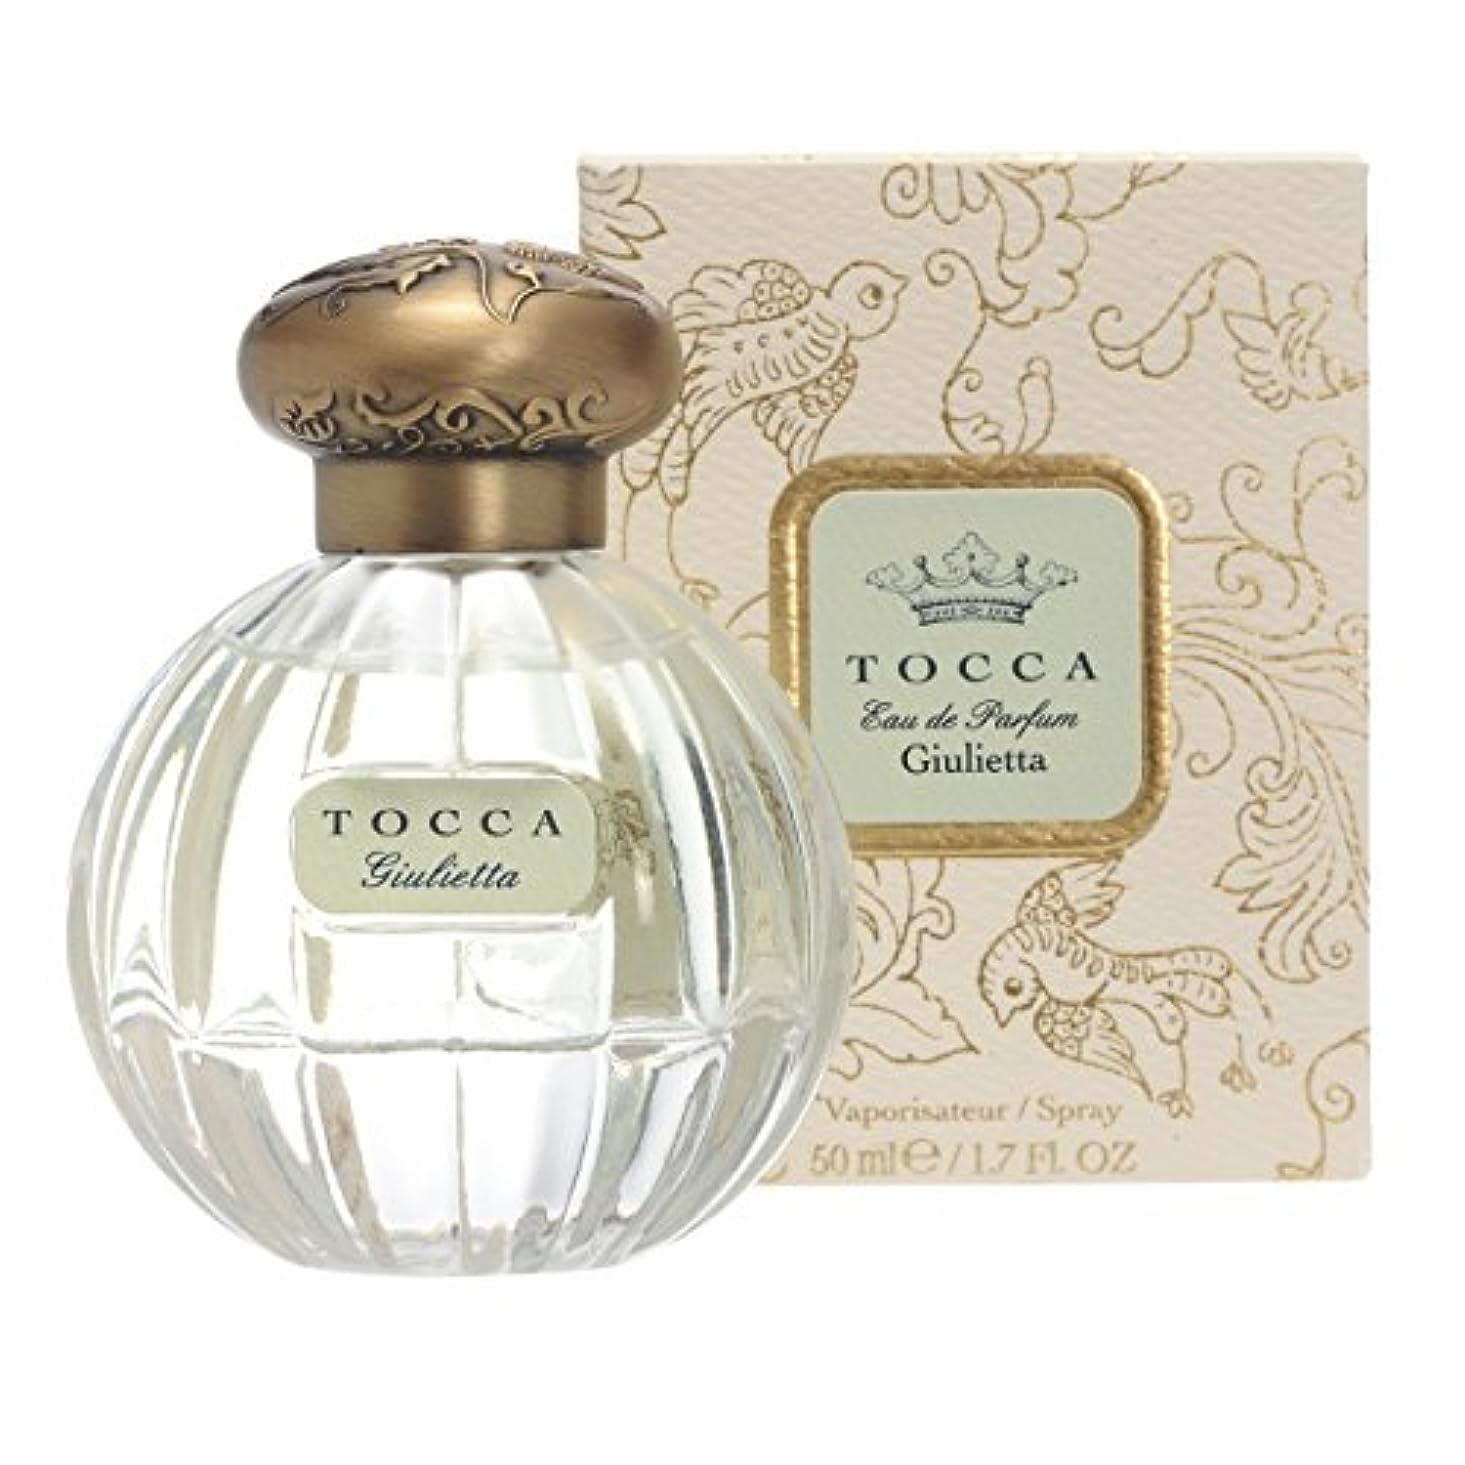 好み乳ごみトッカ(TOCCA) オードパルファム ジュリエッタの香り 50ml(香水 映画監督と女優である妻とのラブストーリーを描く、グリーンアップルとチューリップの甘く優美な香り)